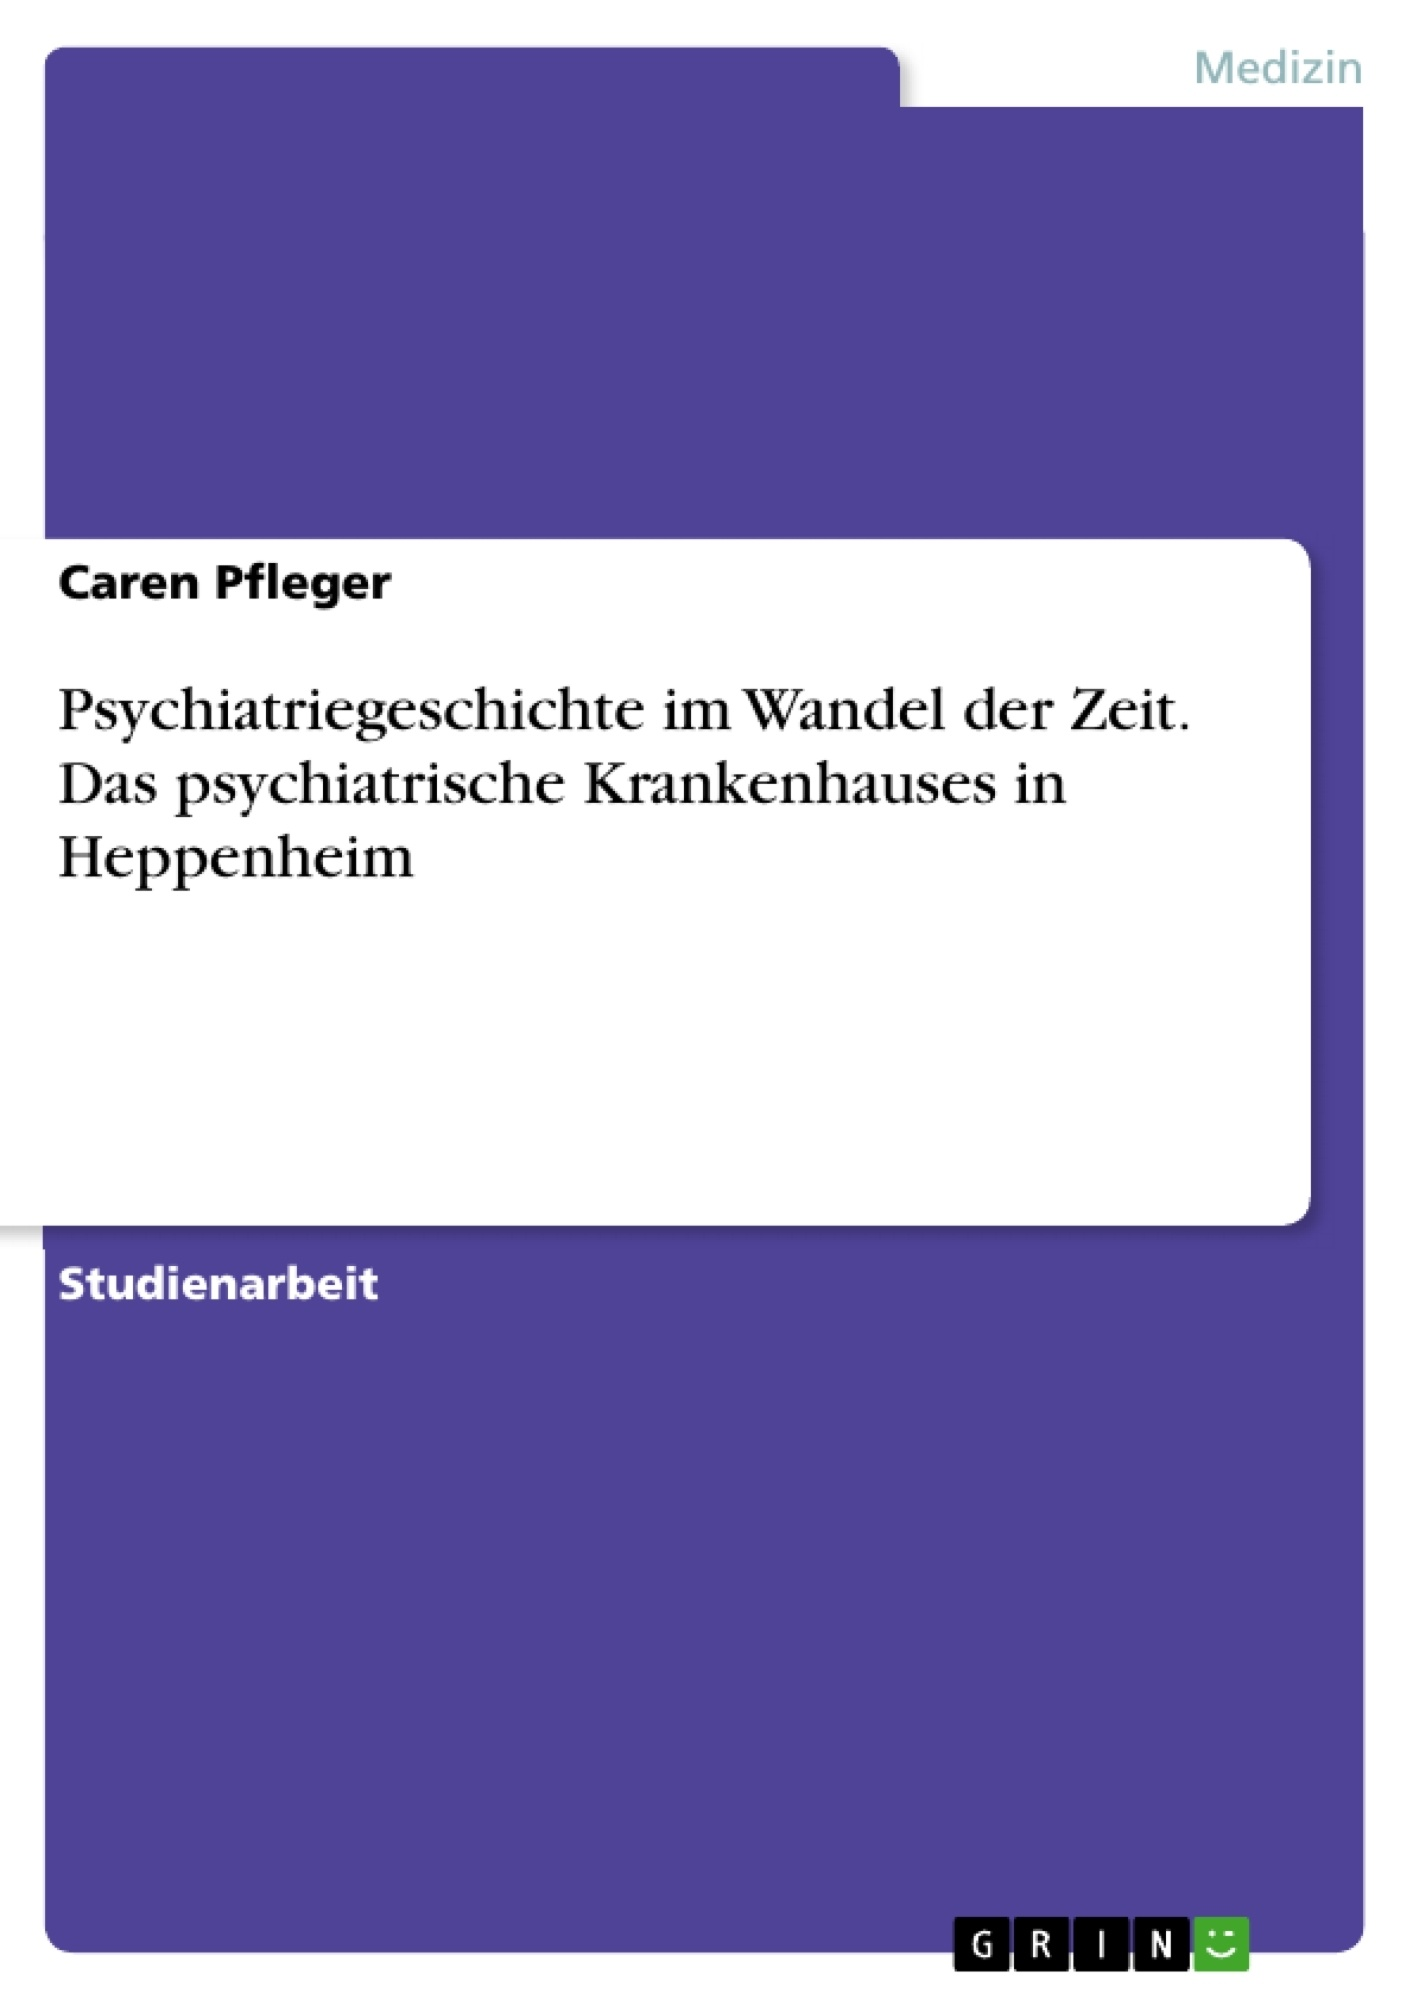 Titel: Psychiatriegeschichte im Wandel der Zeit. Das psychiatrische Krankenhauses in Heppenheim